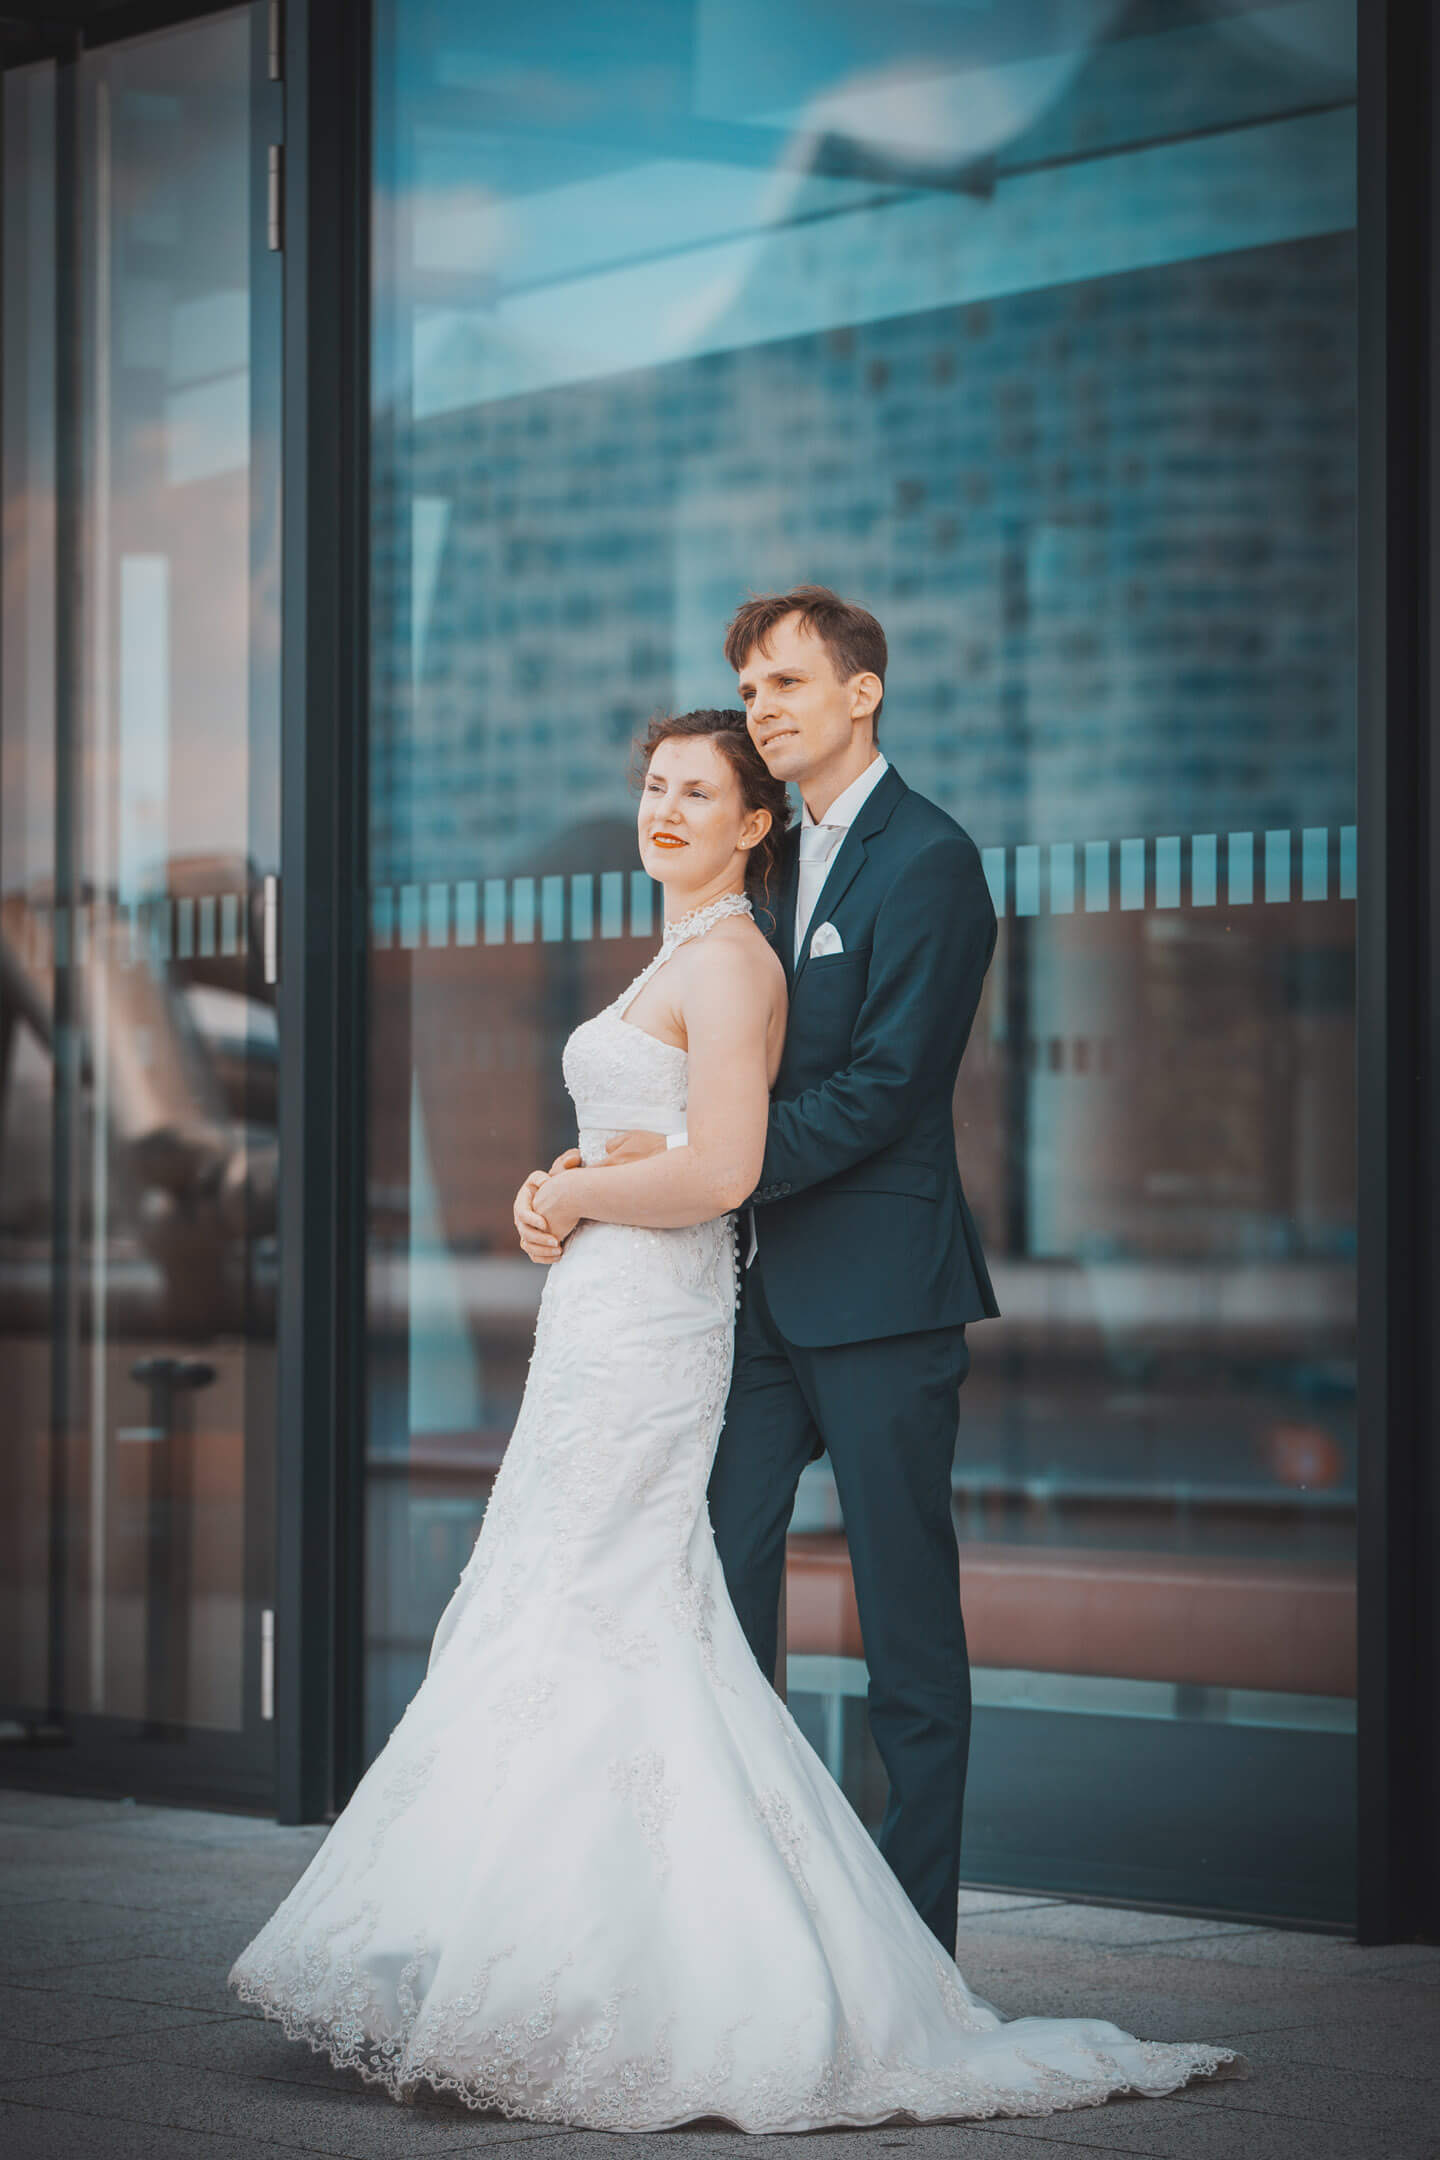 Brautpaar vor Glasfront in der sich die Elphi spiegelt